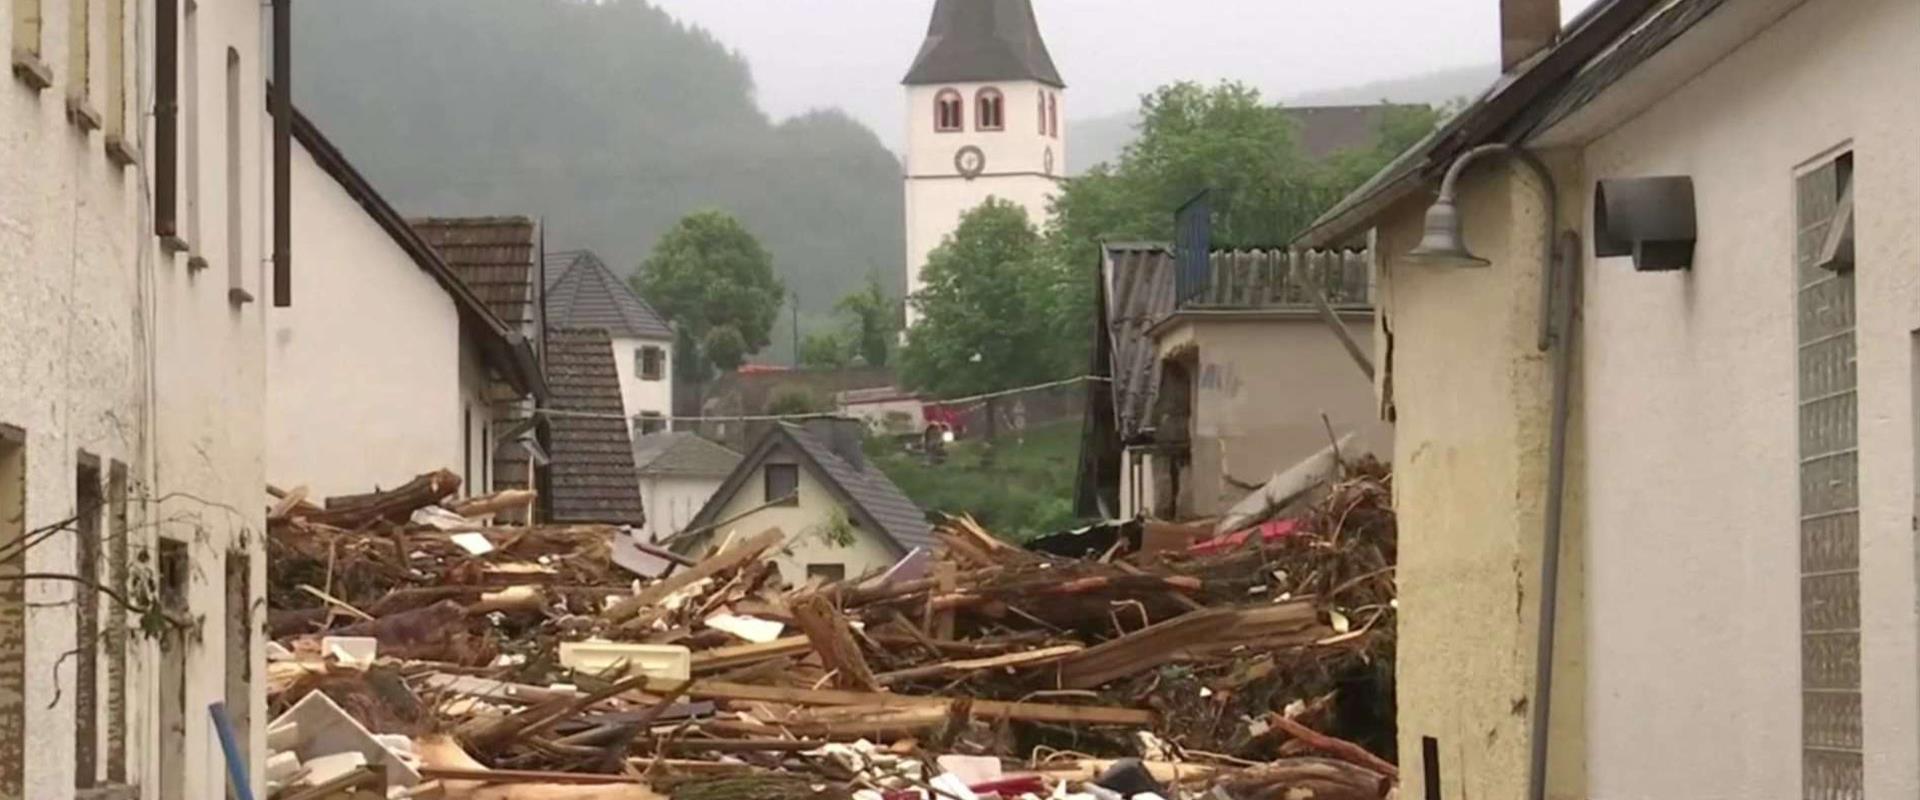 השיטפונות בגרמניה